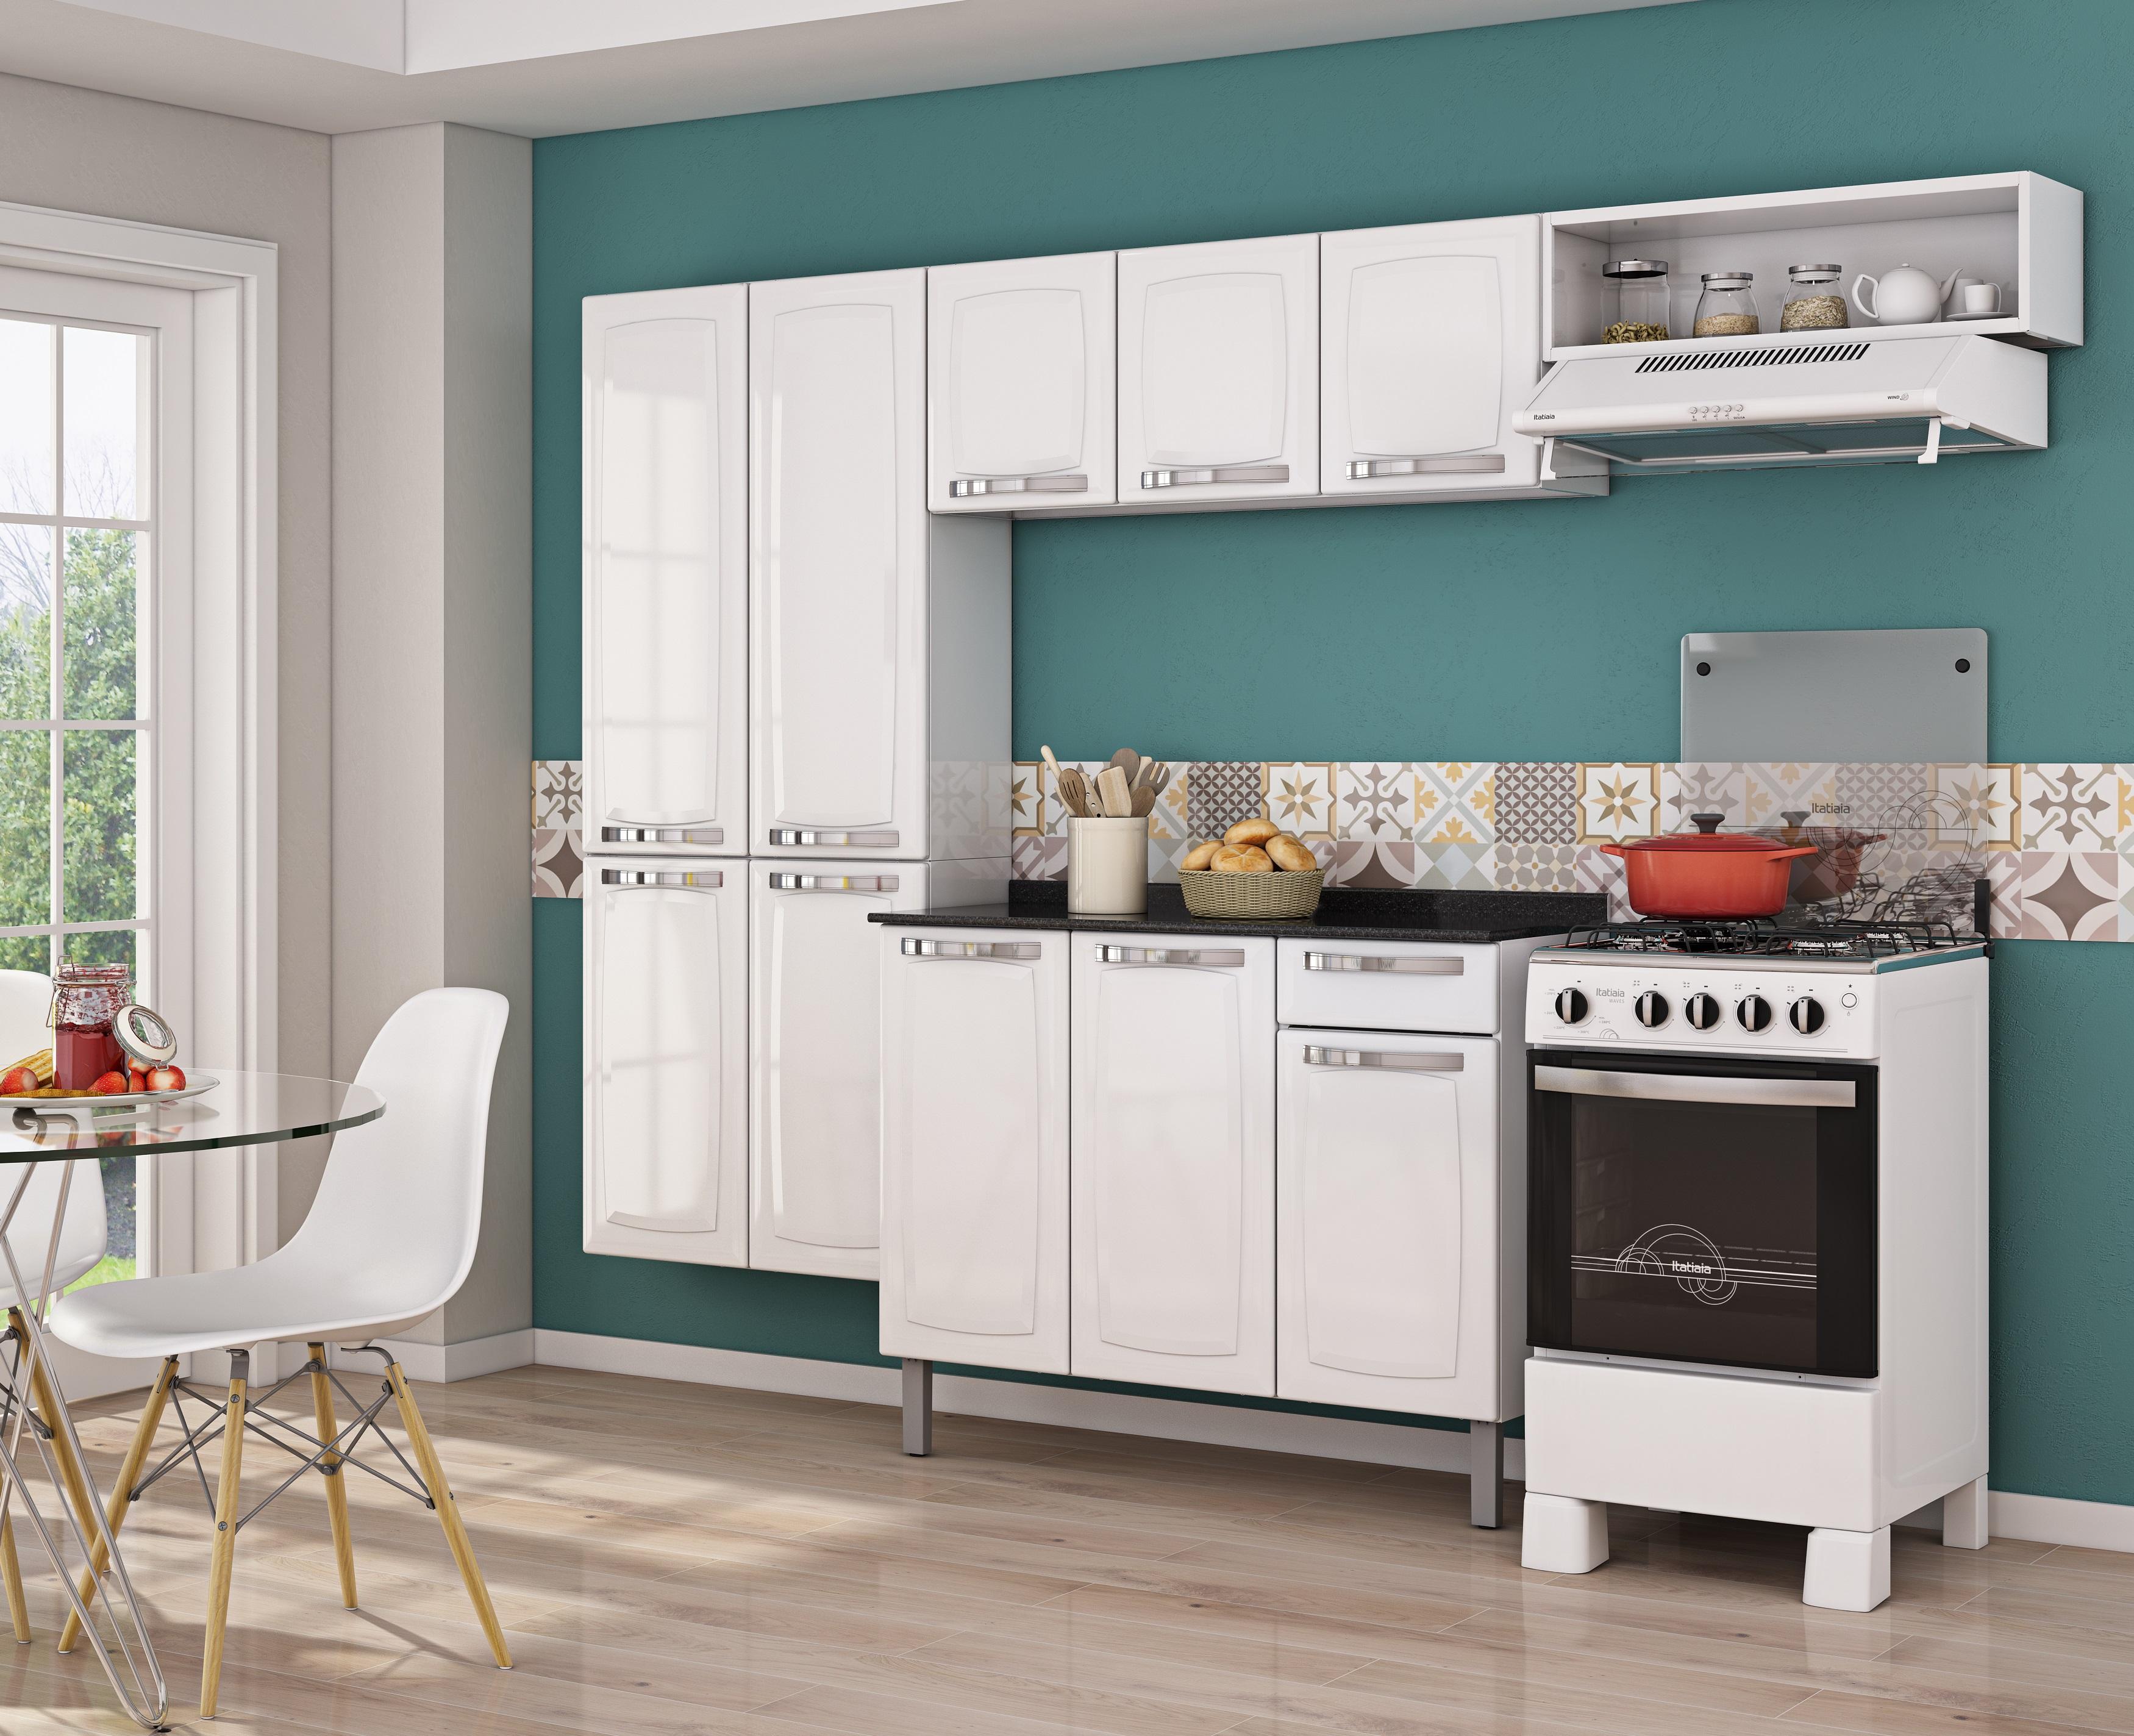 Cozinha Rose é composta paneleiro duplo 4 portas armário superior  #6B443B 3500 2847